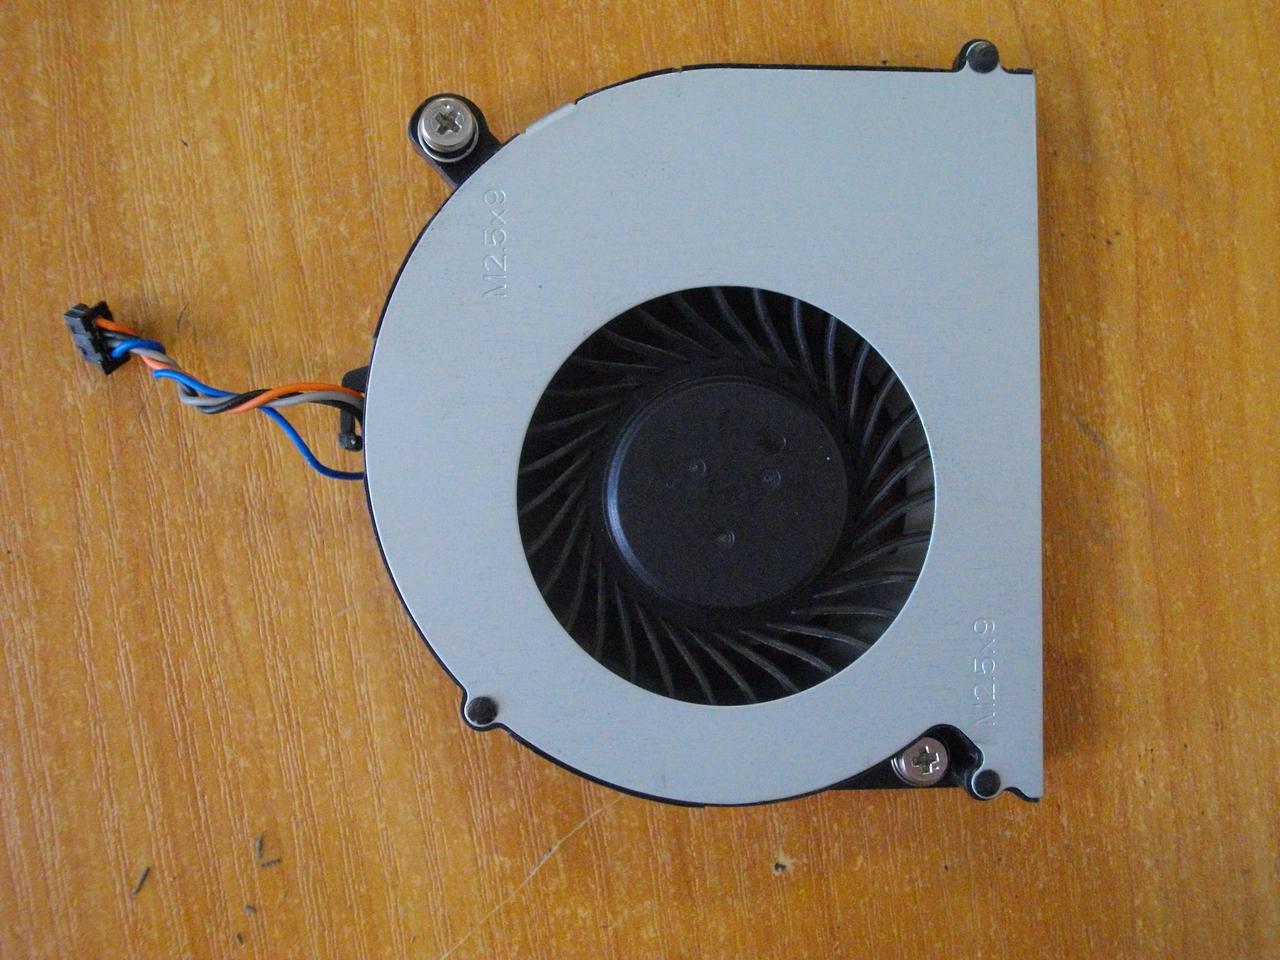 Вентилятор оригинальный HP ProBook 640 G1 бу отличное состояние.